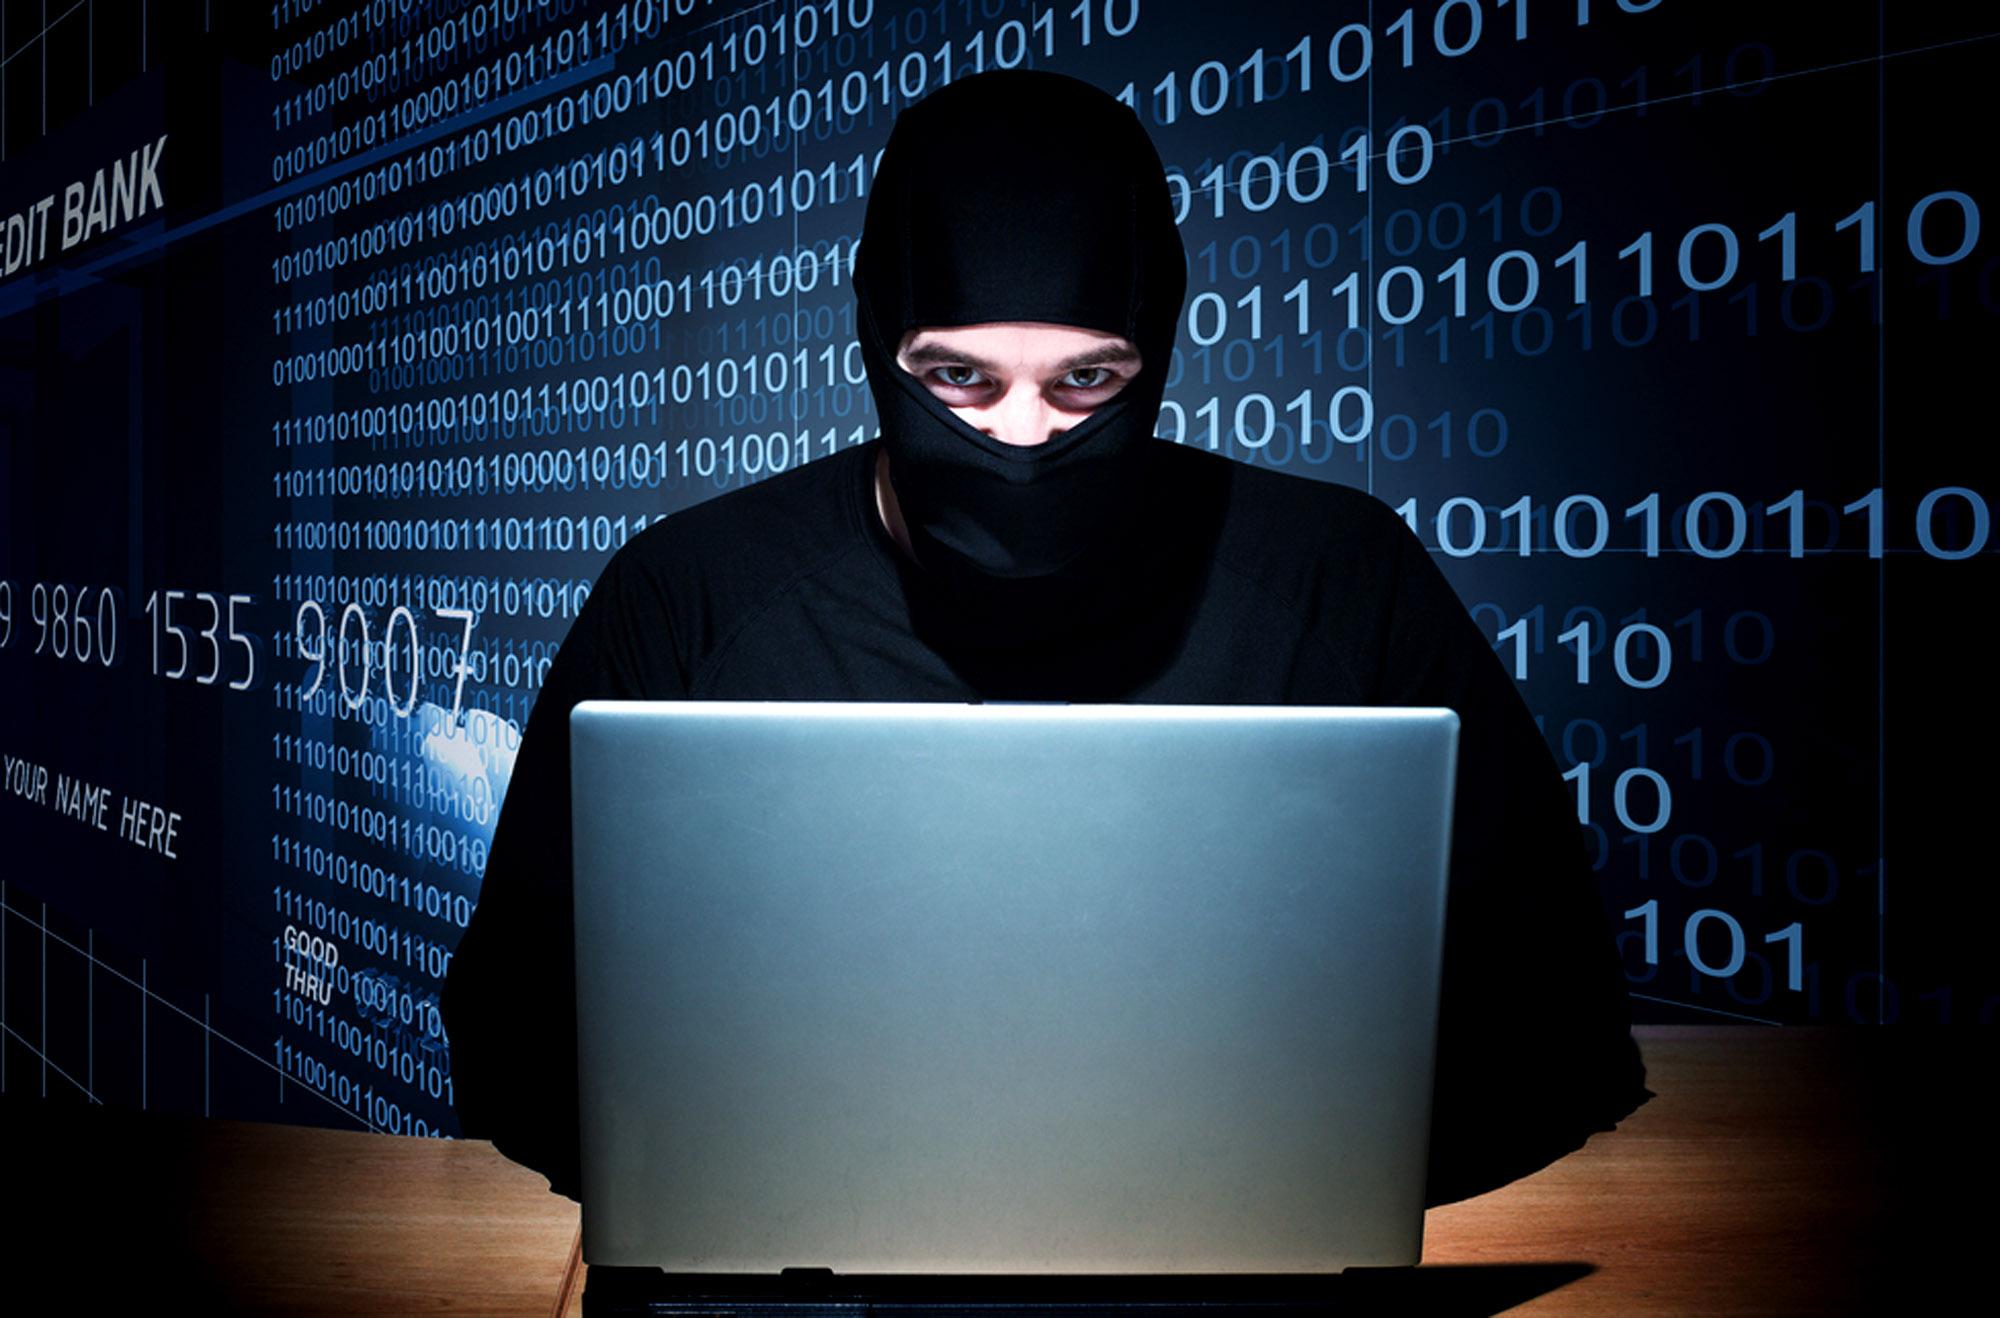 <!--:uk-->Хакеры выложили новые письма из предполагаемой «почты Суркова»<!--:--><!--:ru-->Хакеры выложили новые письма из предполагаемой «почты Суркова»<!--:-->